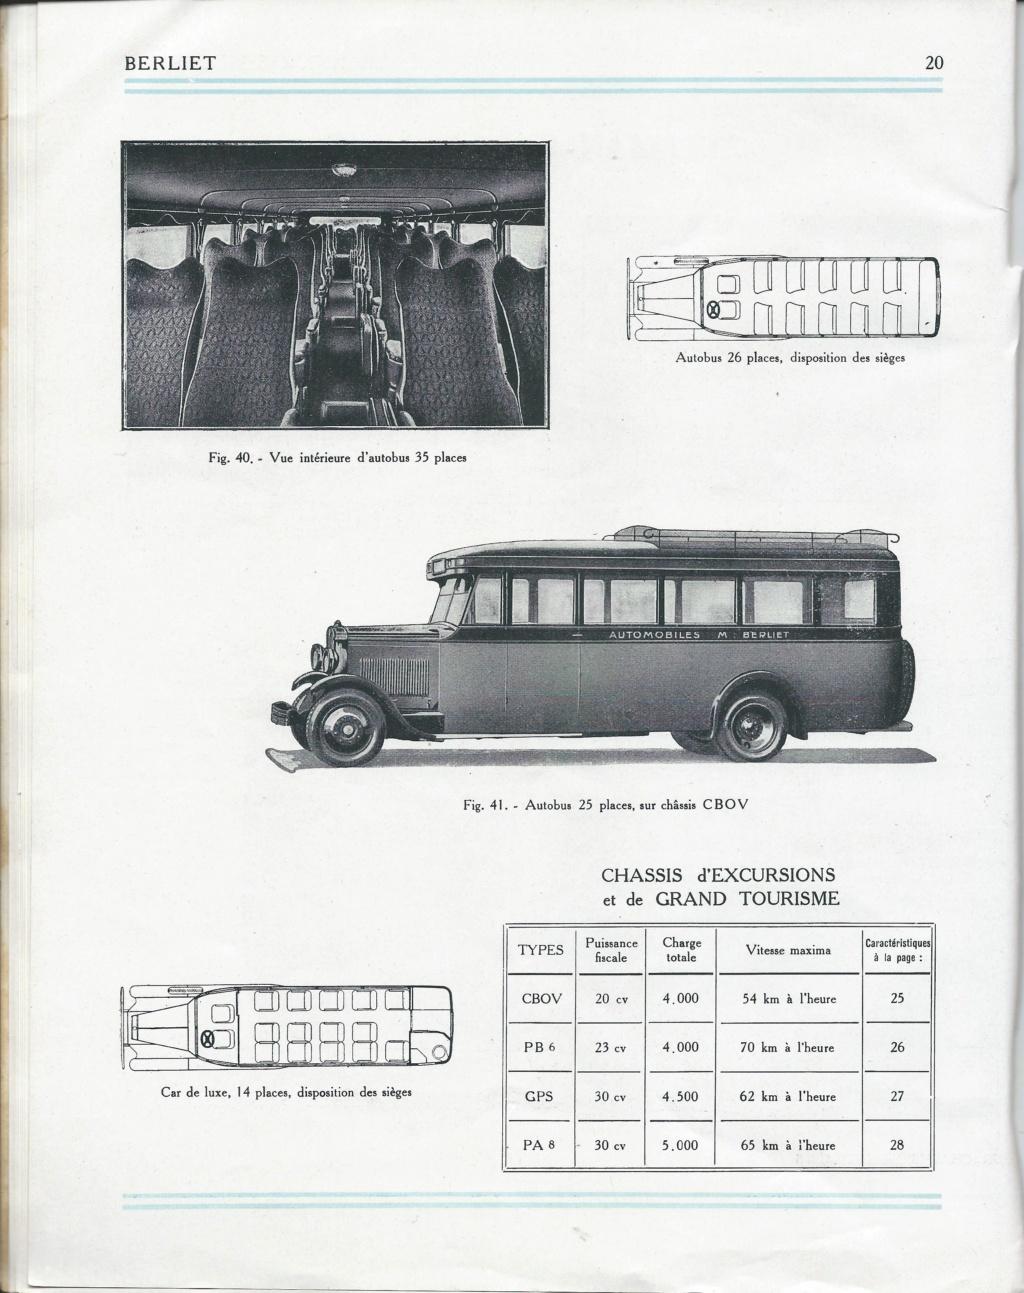 Pub , catalogues et livres sur BERLIET - Page 3 Berlie64